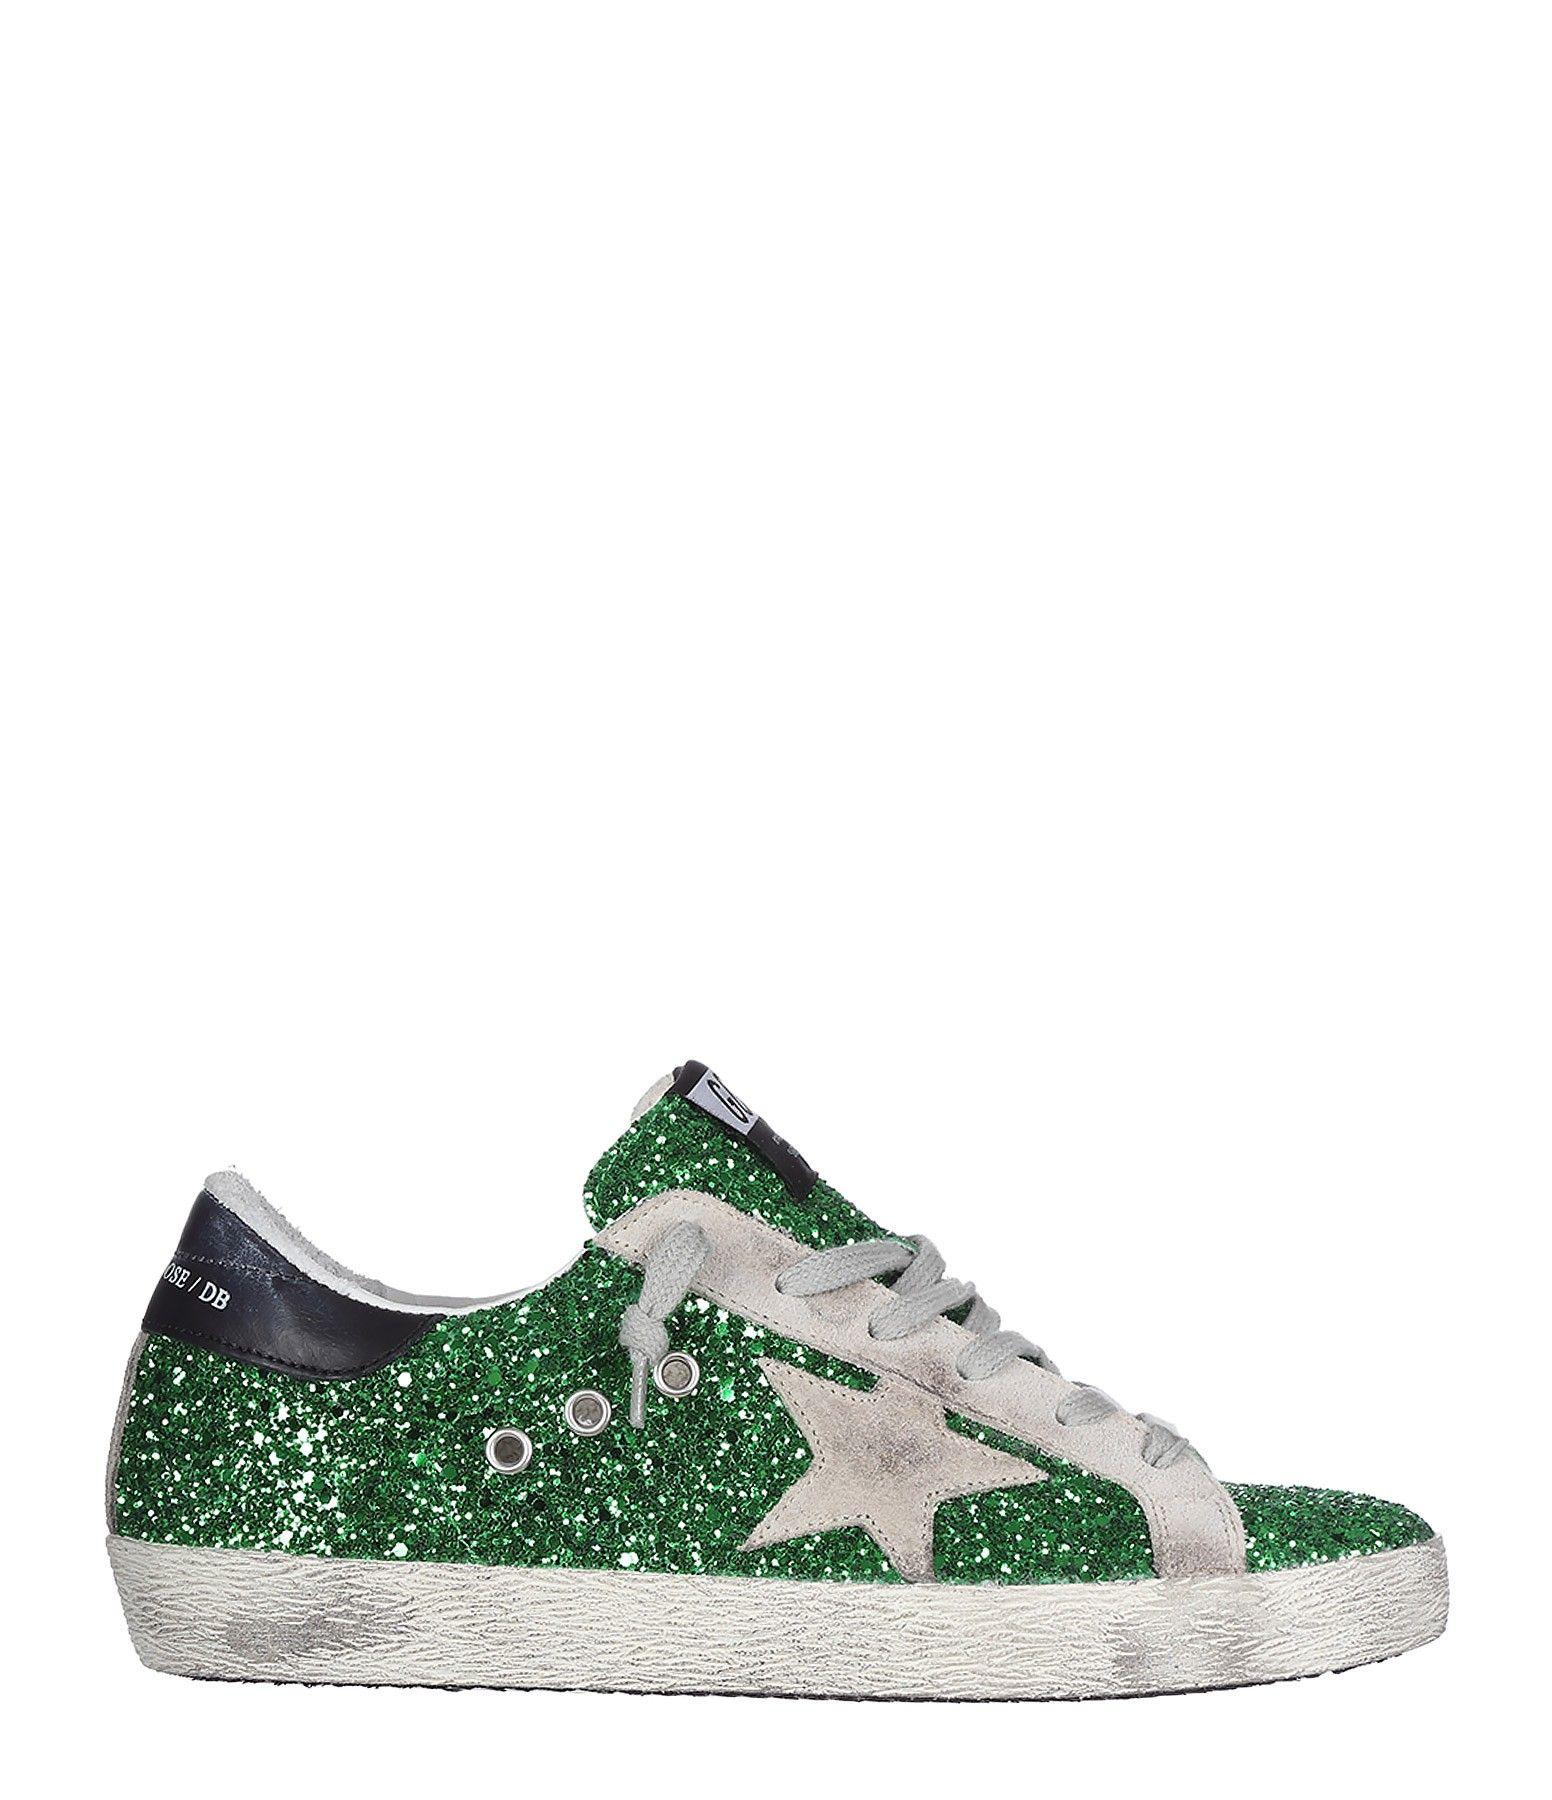 bec265c994 Sneakers Superstar Emerald Green Glitter - GOLDEN GOOSE | Sneakers ...